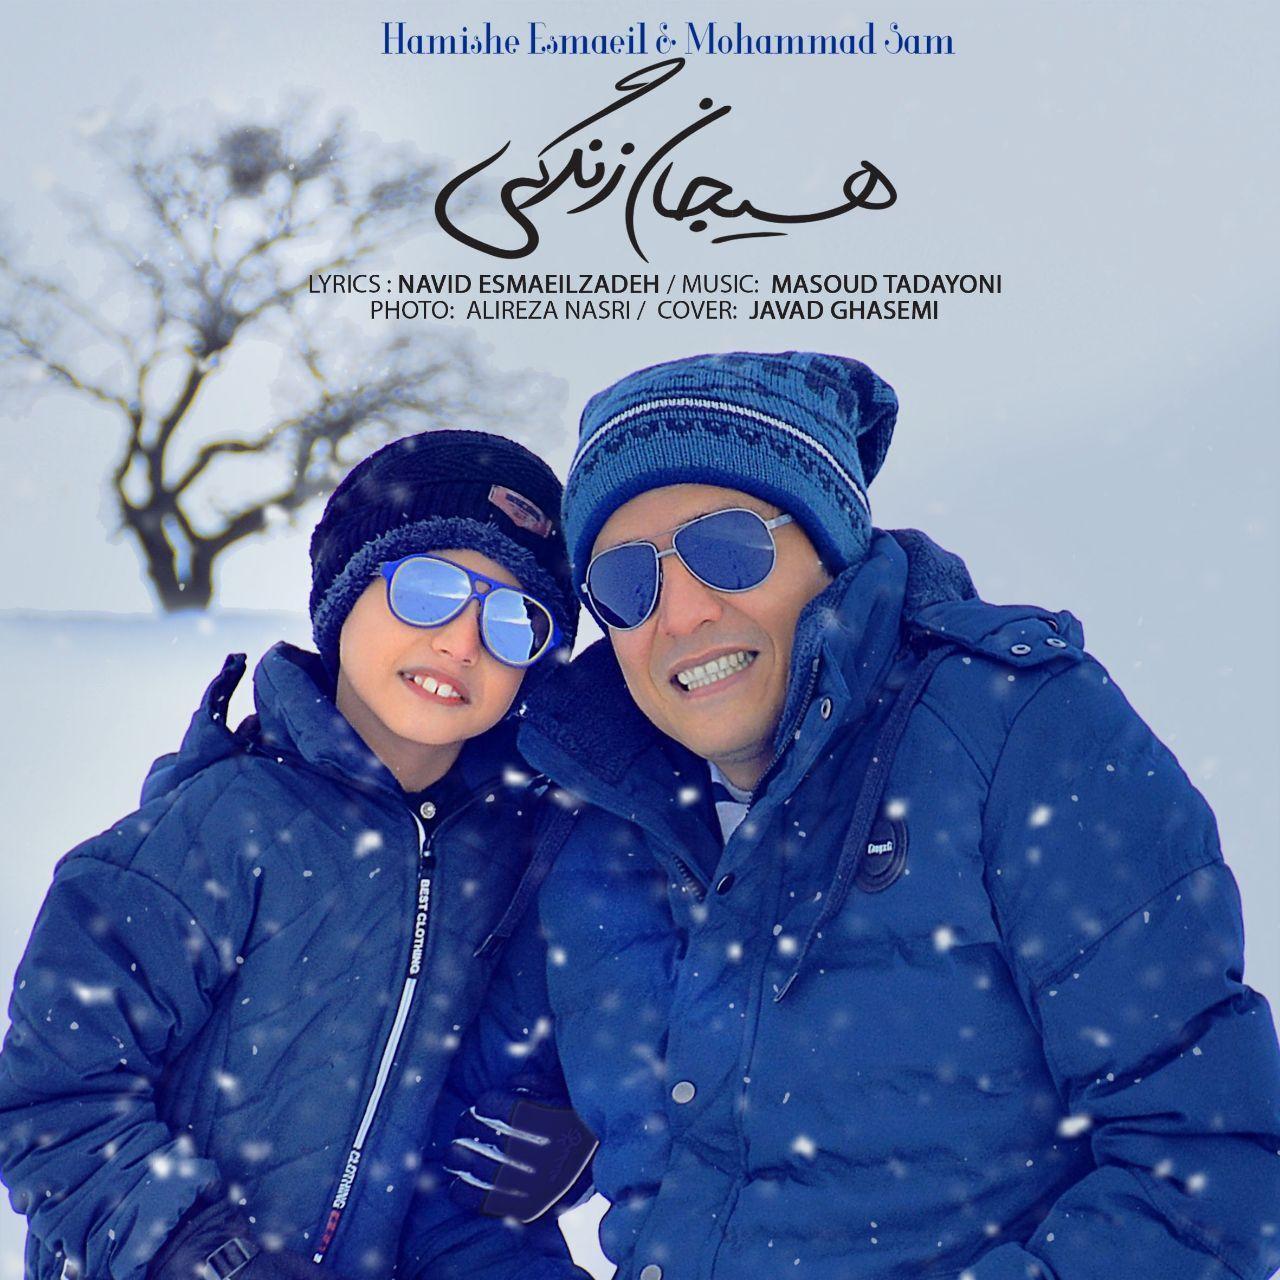 Hamishe Esmaeil & Mohammad Sam – Hayejane Zendegi